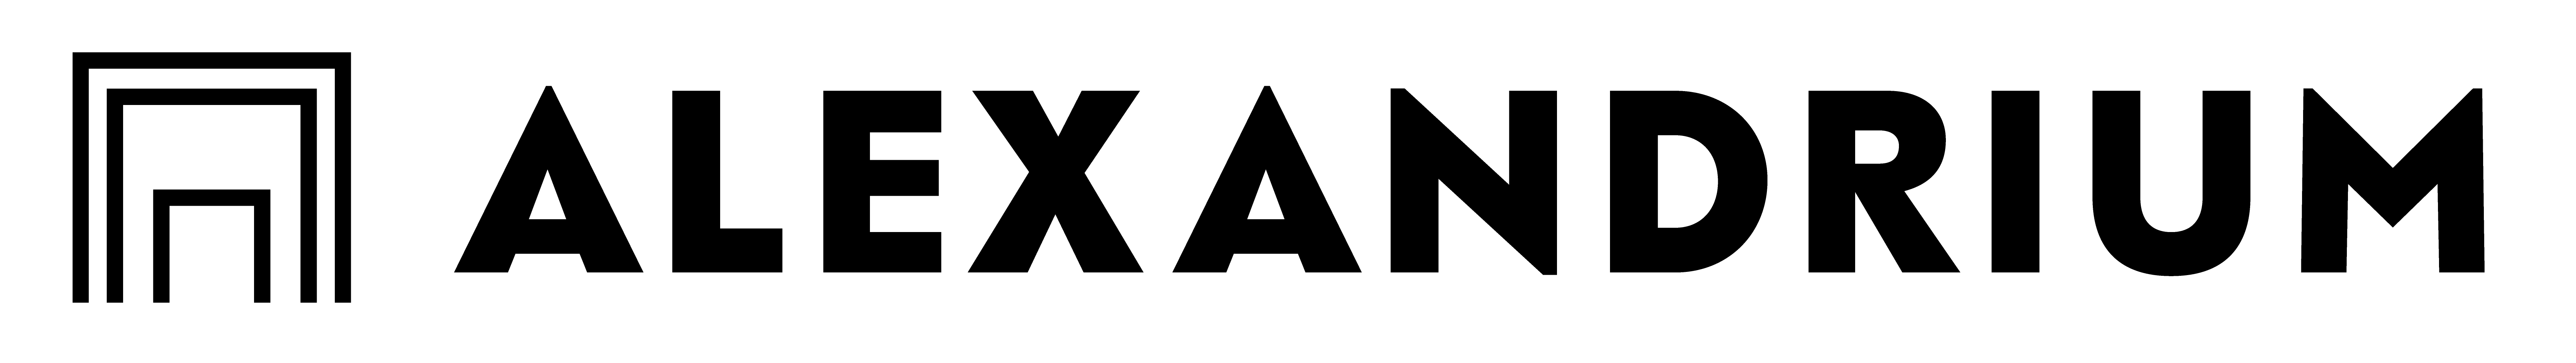 Alexandrium